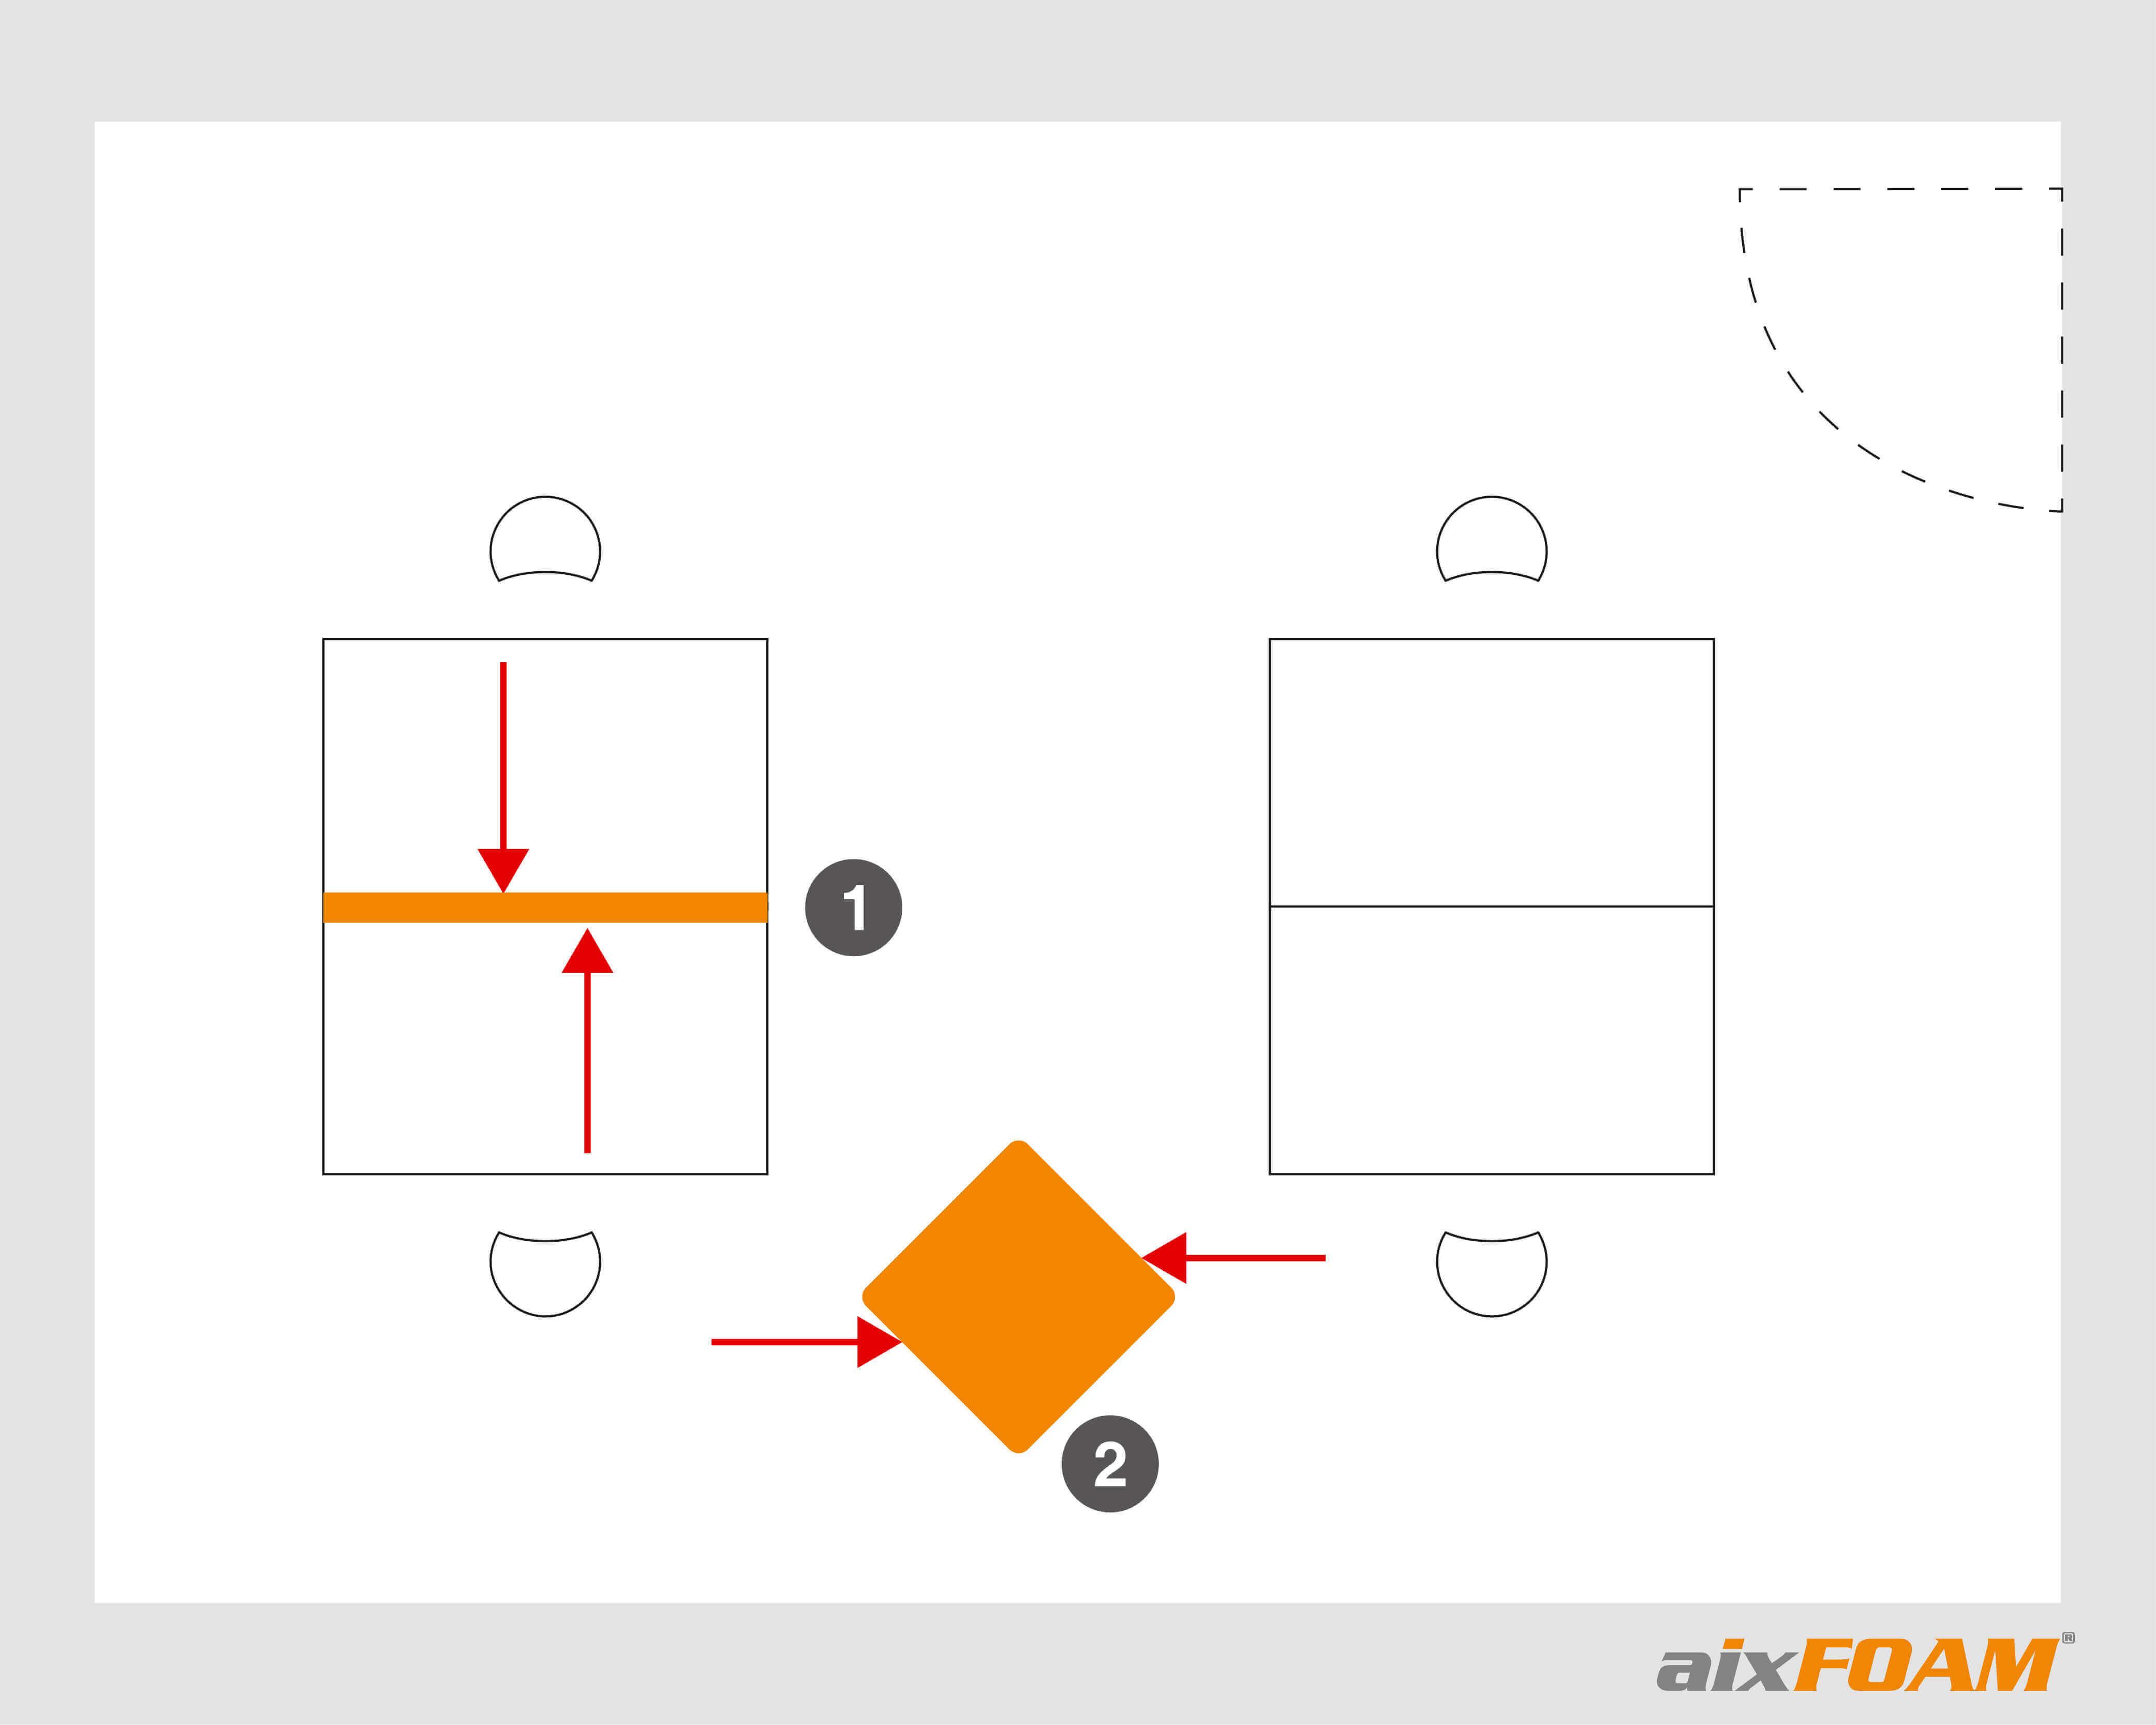 Vastakkain olevien työpisteiden pöytien väliin asetetut väliseinät (1) sekä akustiikkapylväs (2) vaimentavat suoraan tulevaa ääntä.